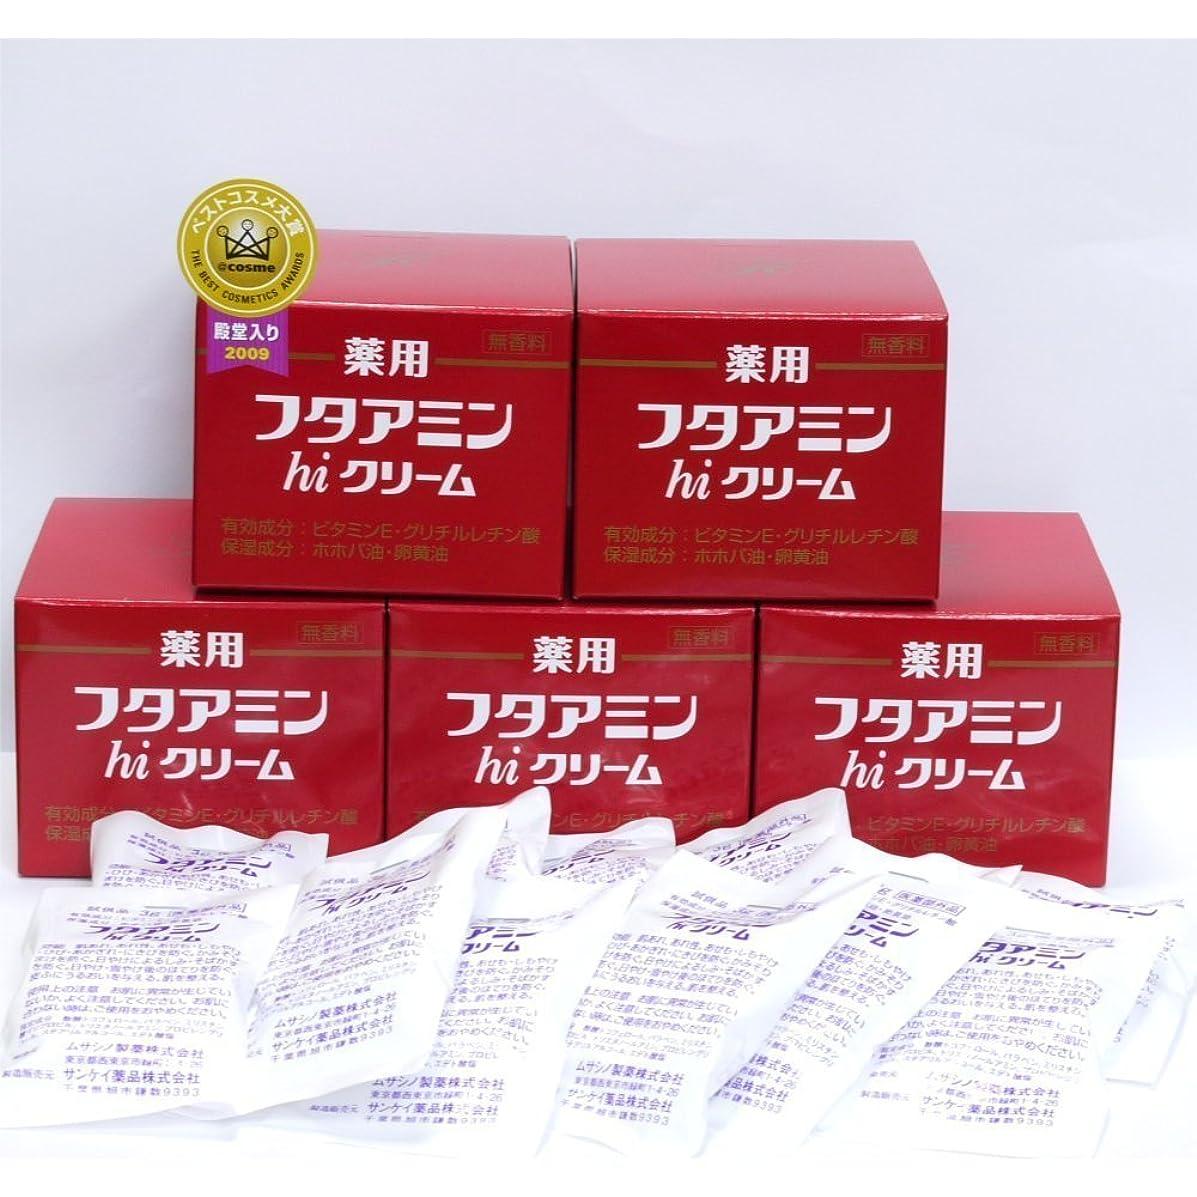 忌み嫌うアスリートひねり薬用 フタアミンhiクリーム 130g  5個セット 3gお試品×12個付